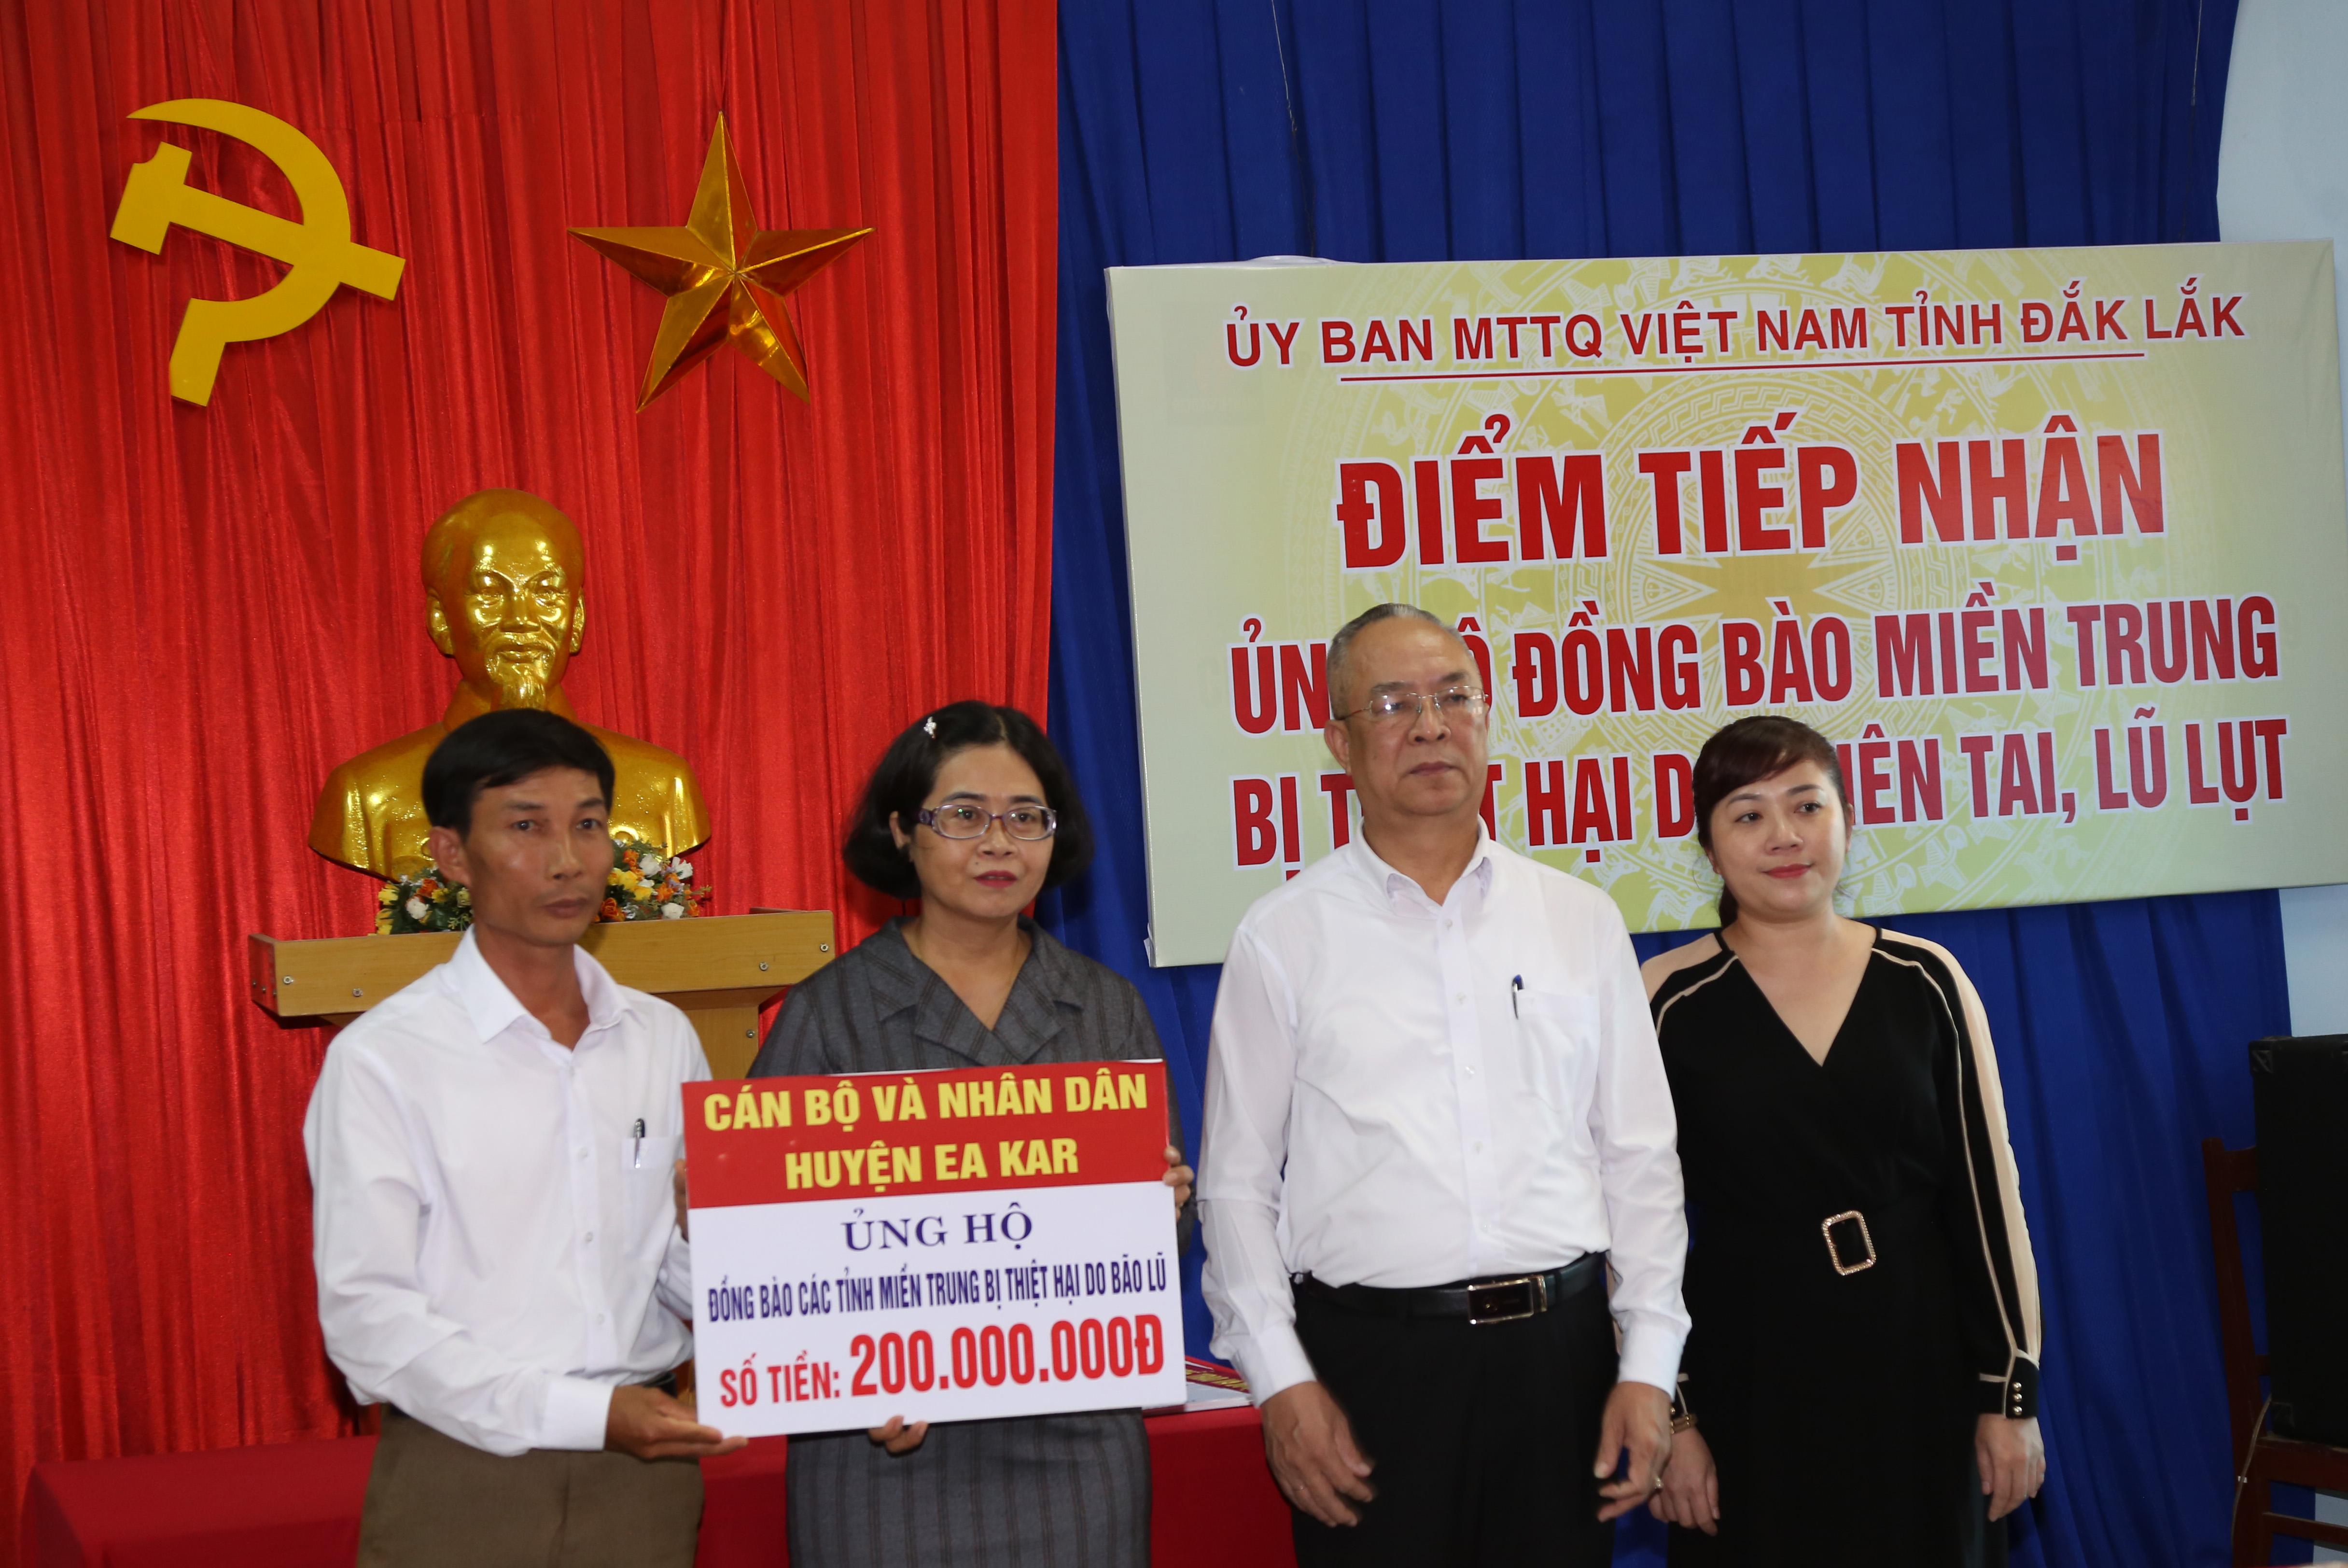 Ủy ban MTTQ Việt Nam tỉnh Đắk Lắk tiếp nhận số tiền ủng hộ đồng bào miền Trung bị thiệt hại do thiên tai, lũ lụt.